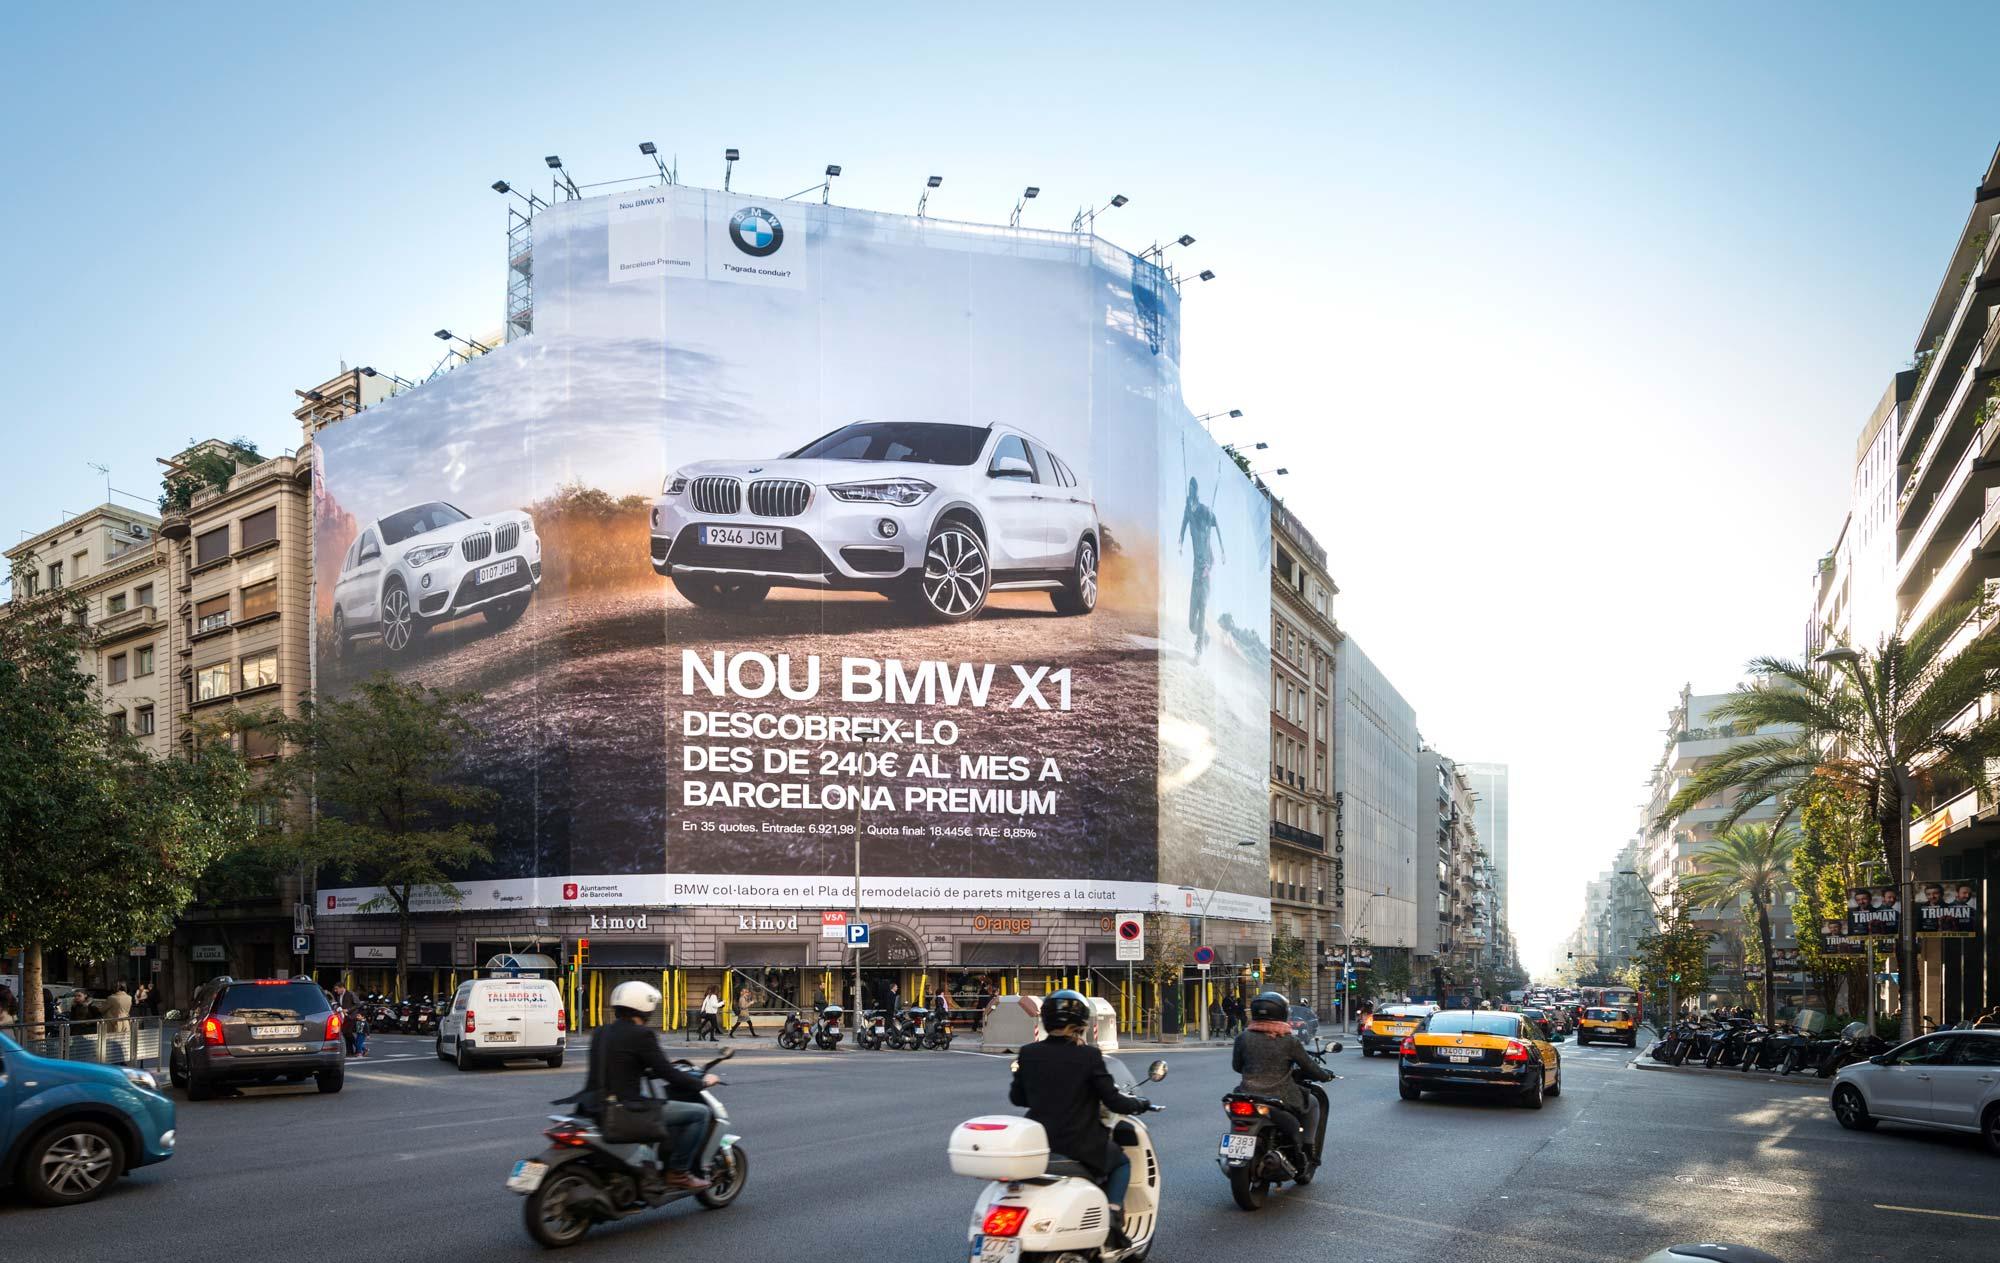 lona-publicitaria-barcelona-bmw-x1-balmes-206-dia-vsa-comunicacion